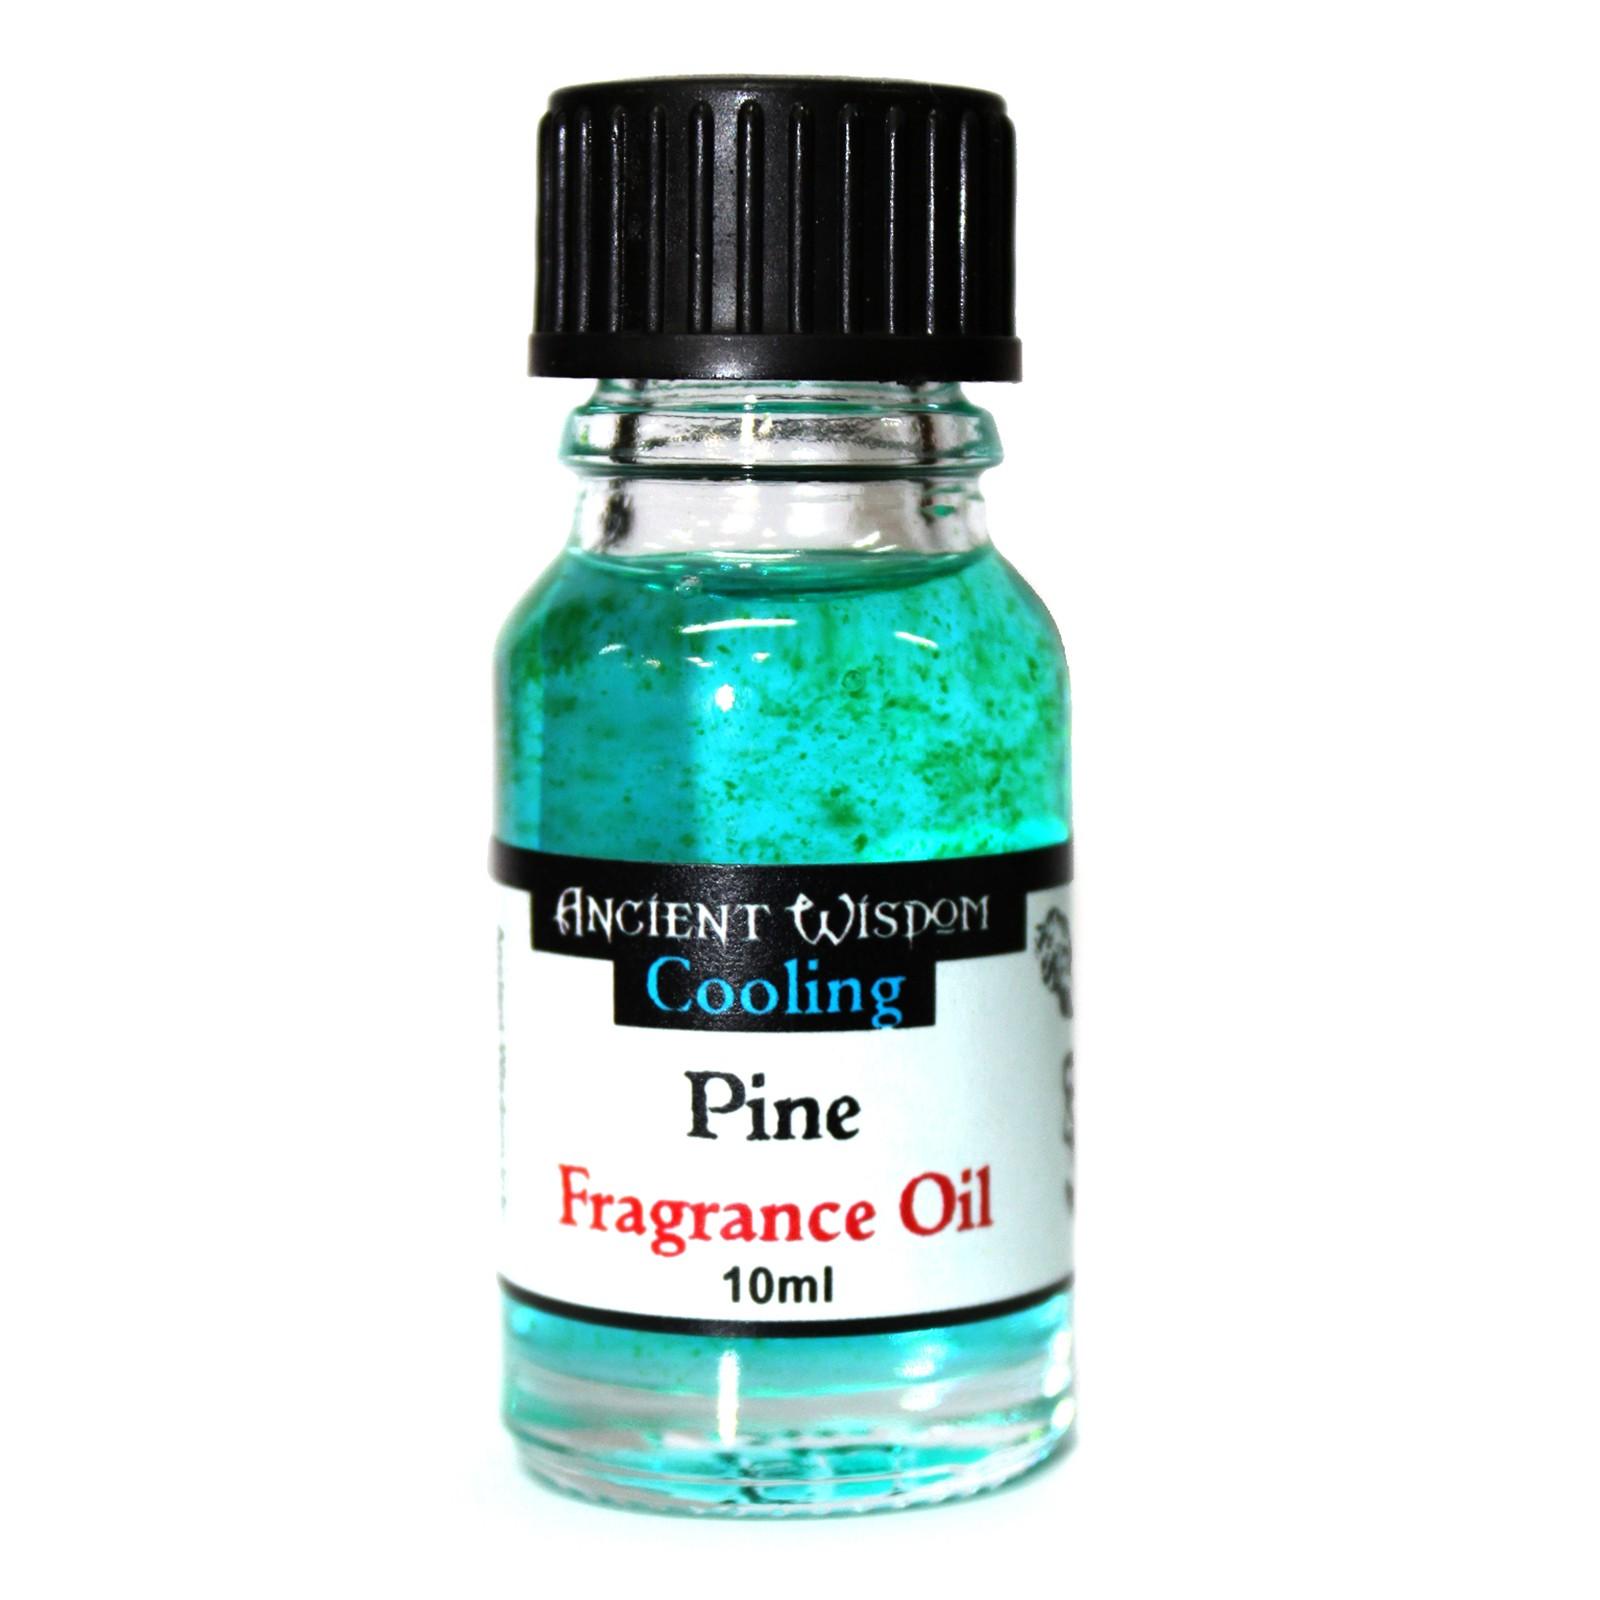 10ml Pine Fragrance Oil